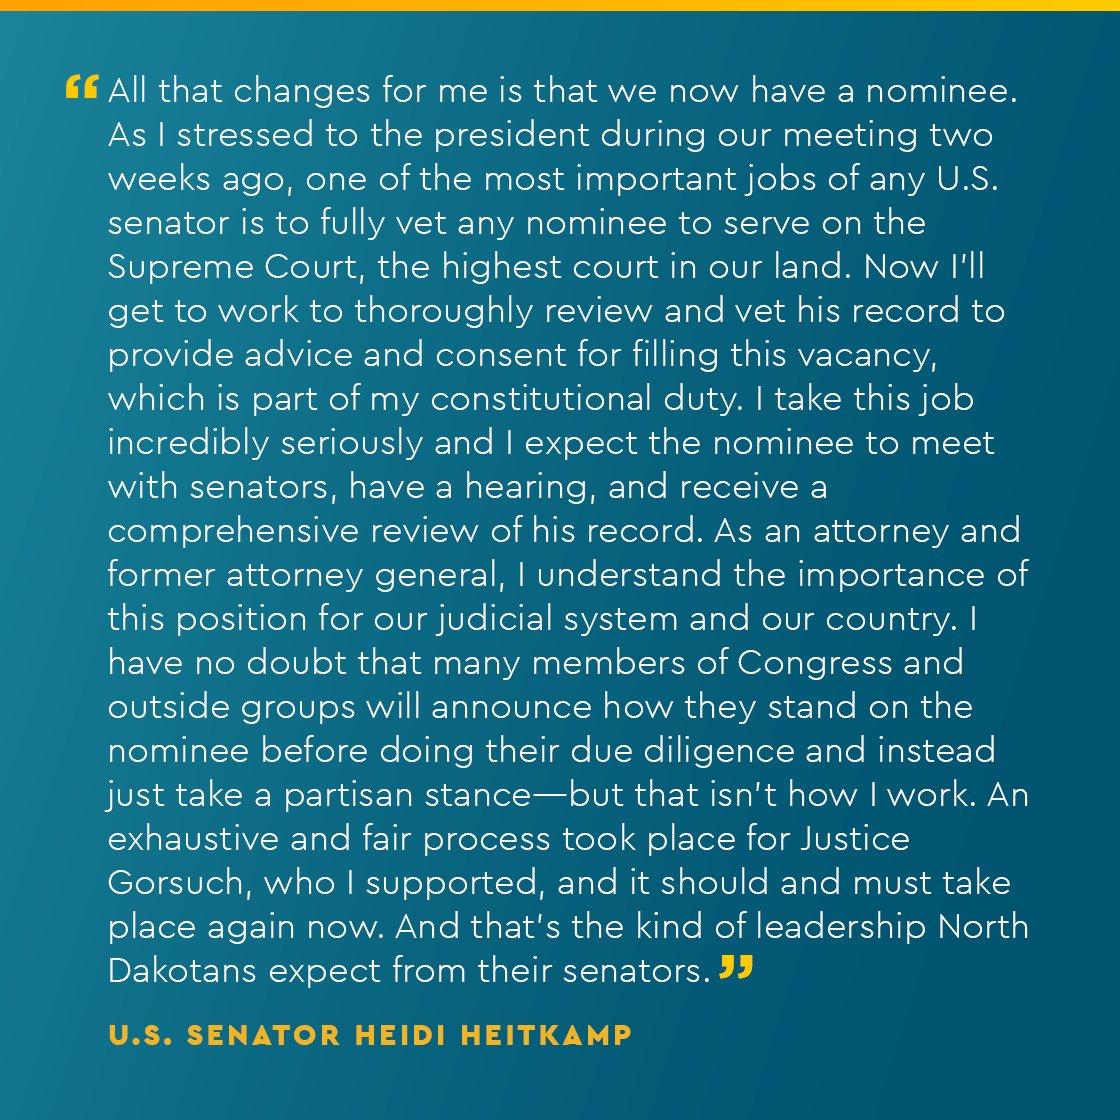 Sen Heidi Heitkamp On Twitter My Statement On The Nomination Of